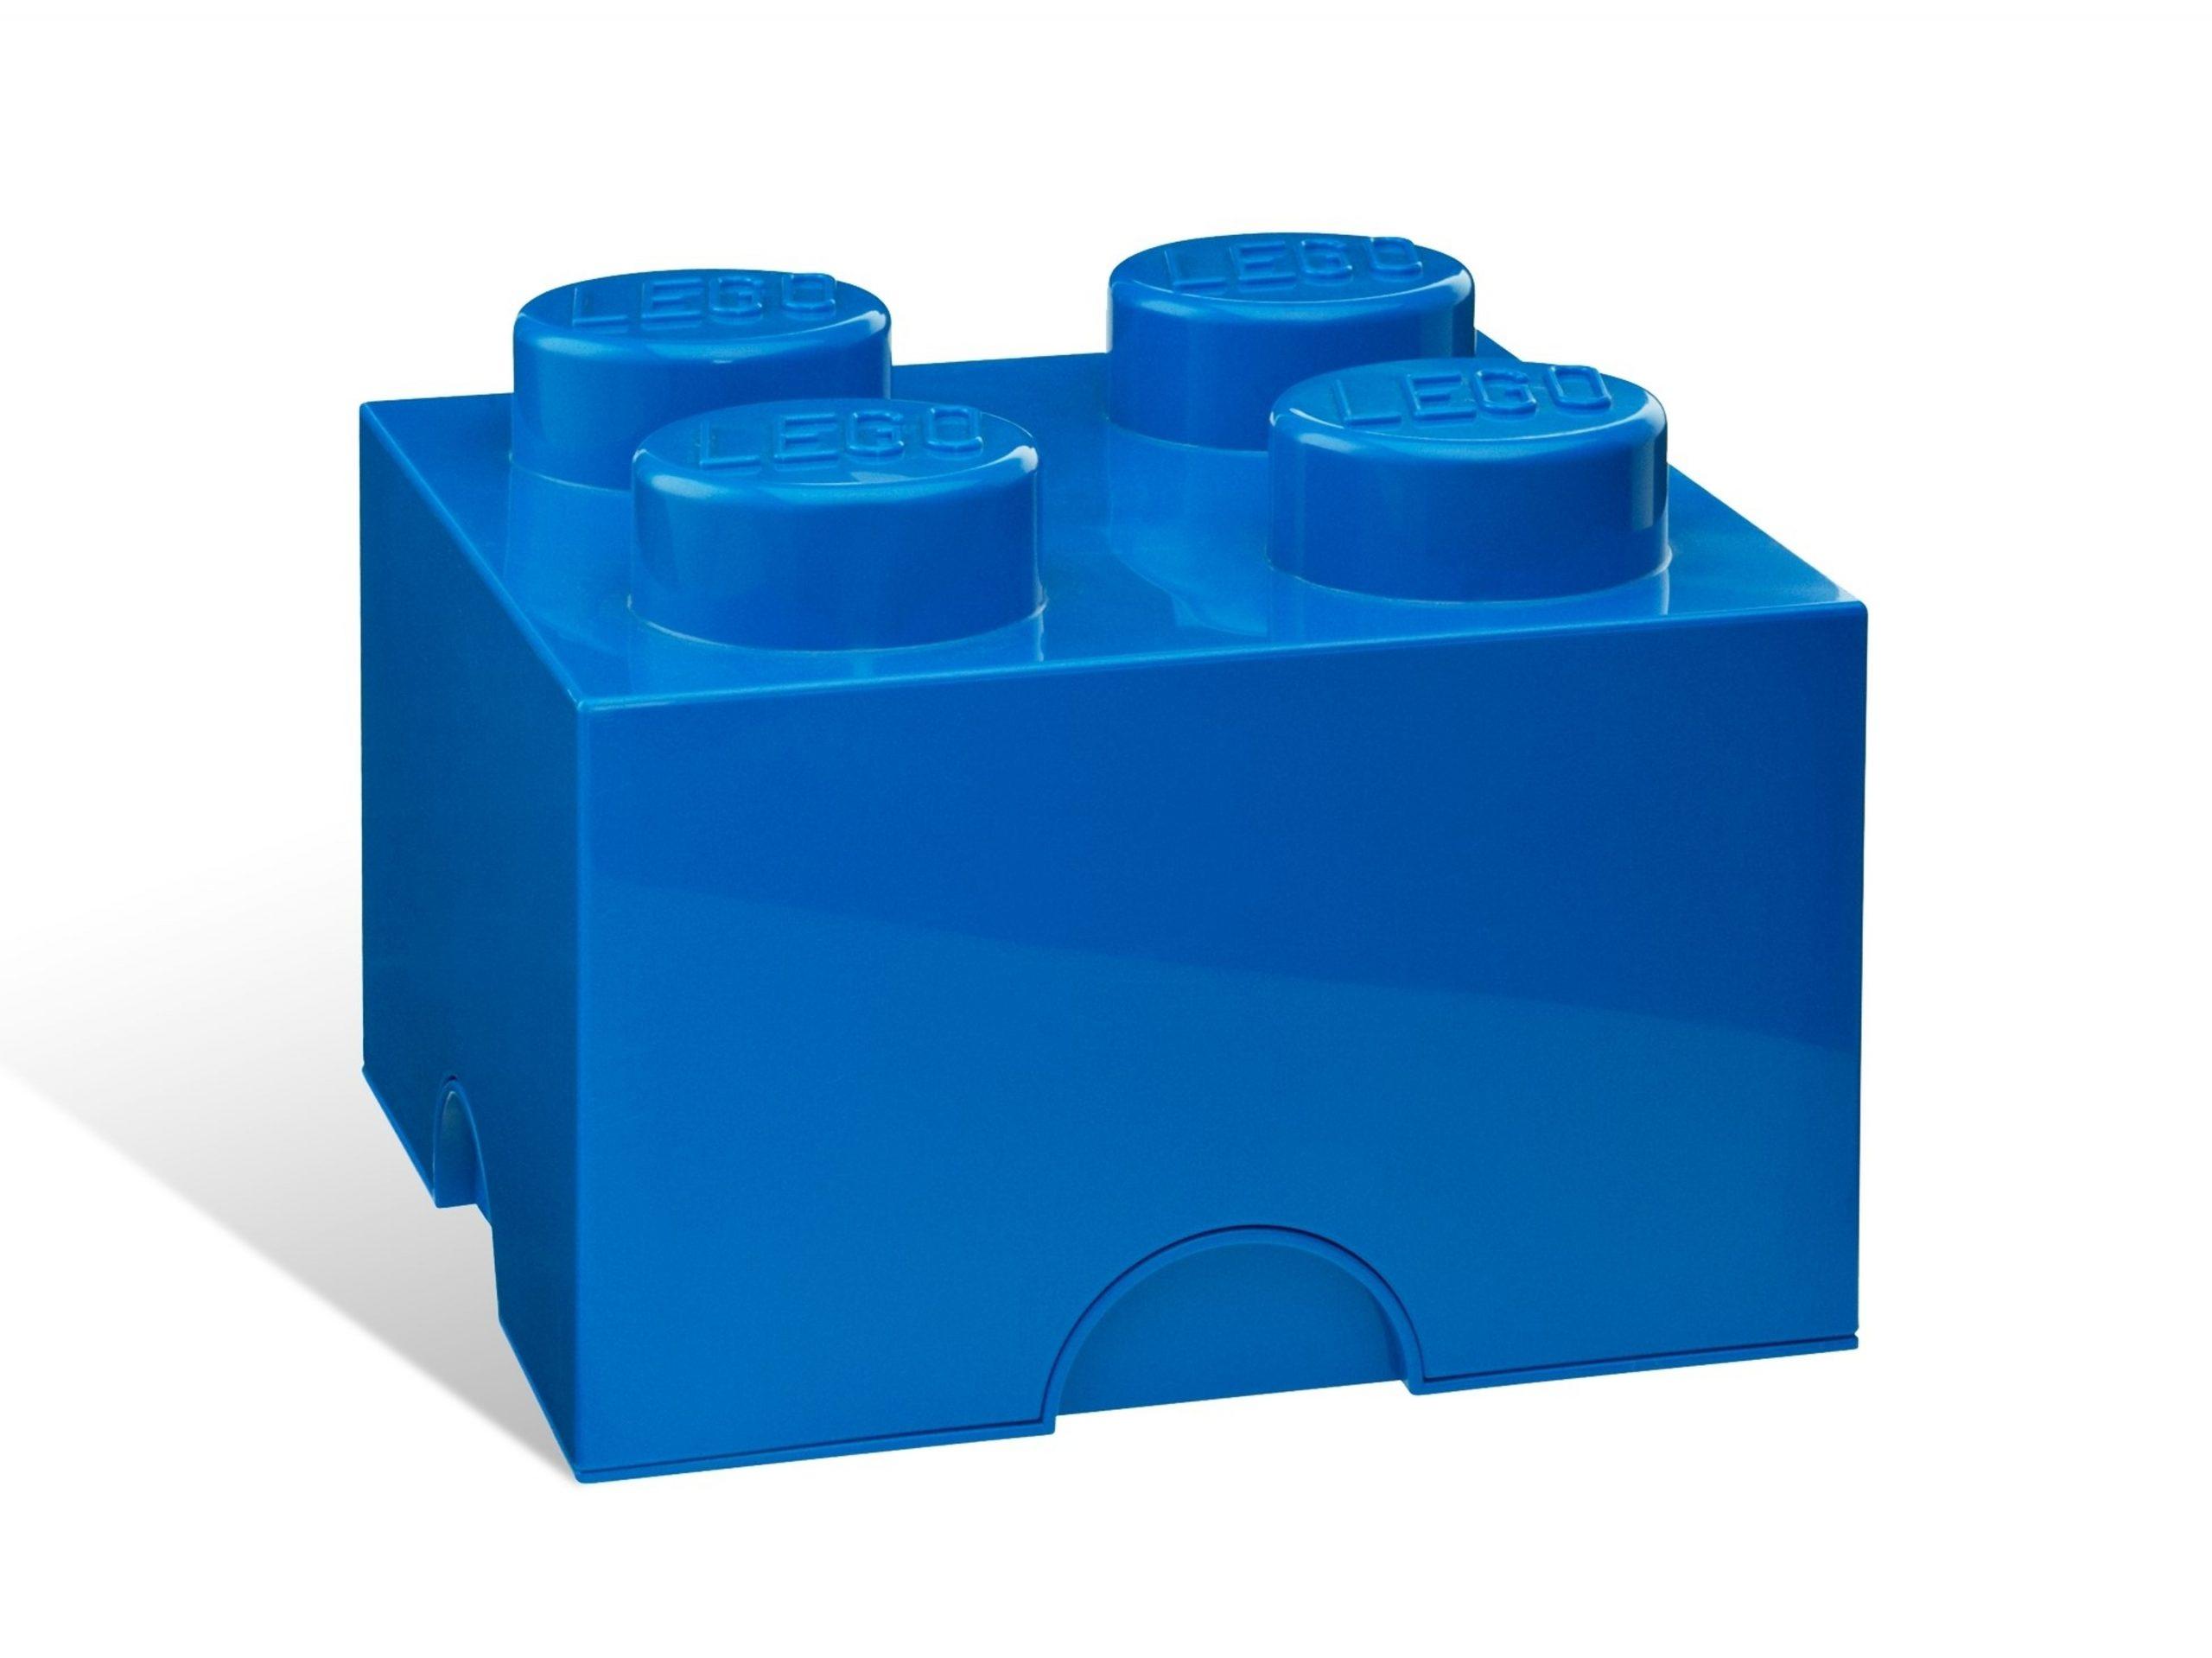 lego 5001383 4 stud blue storage brick scaled